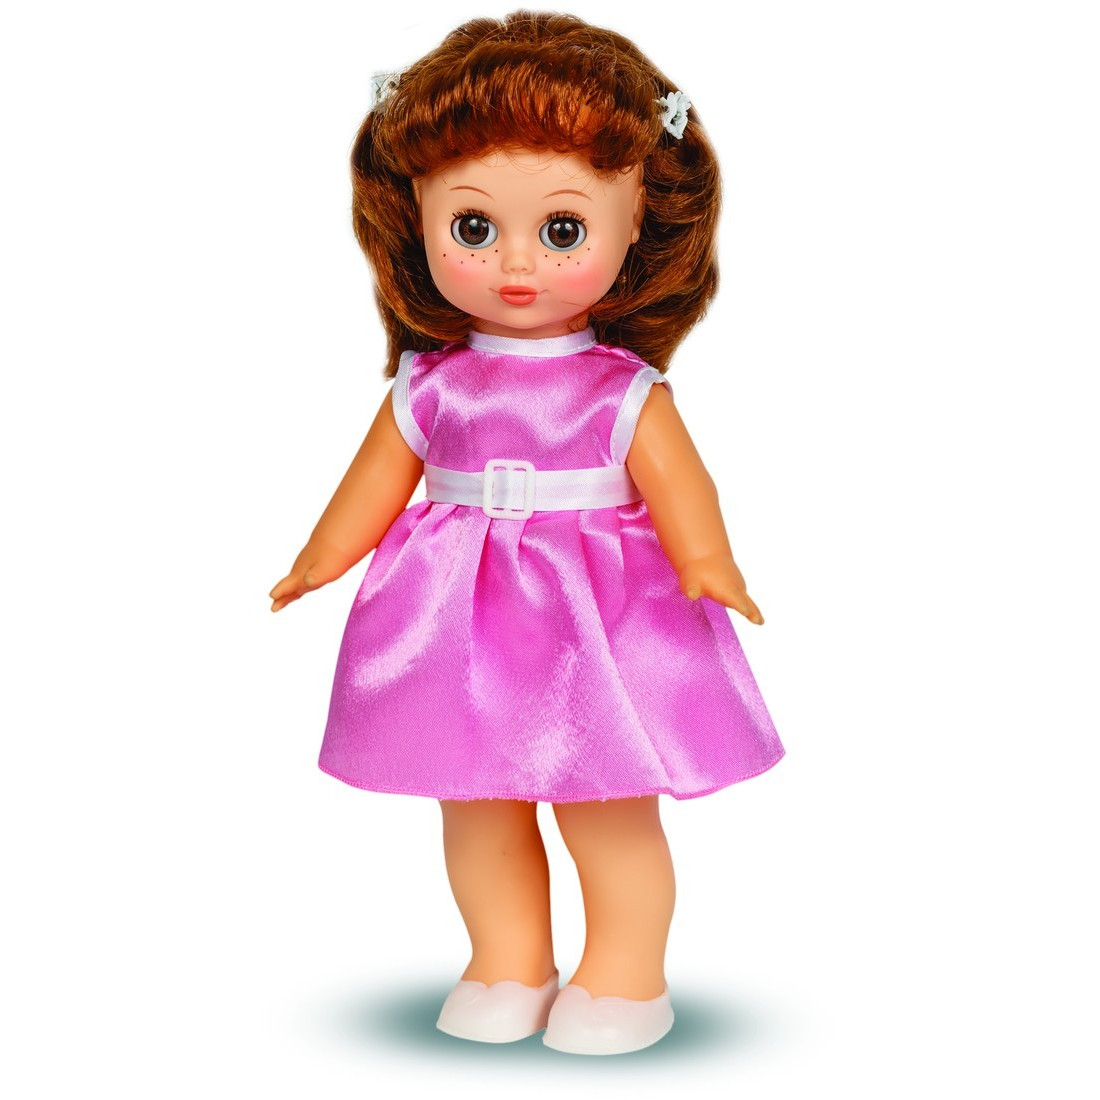 Сердце, картинки с изображением куклы девочки